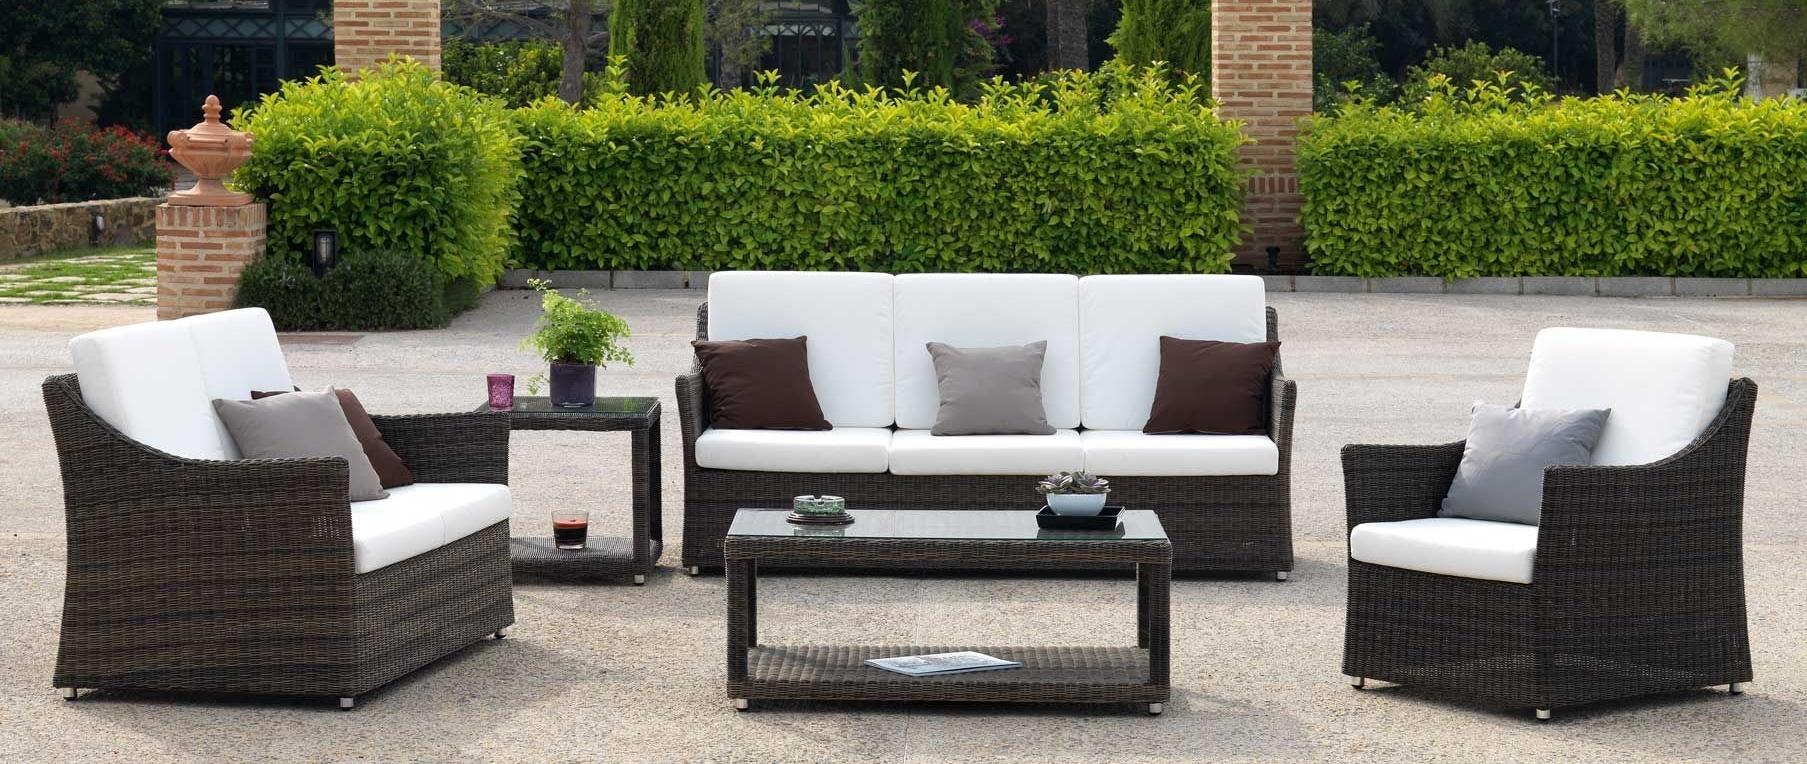 Muebles de rattan para exterior affordable muebles de - Muebles para exteriores ...